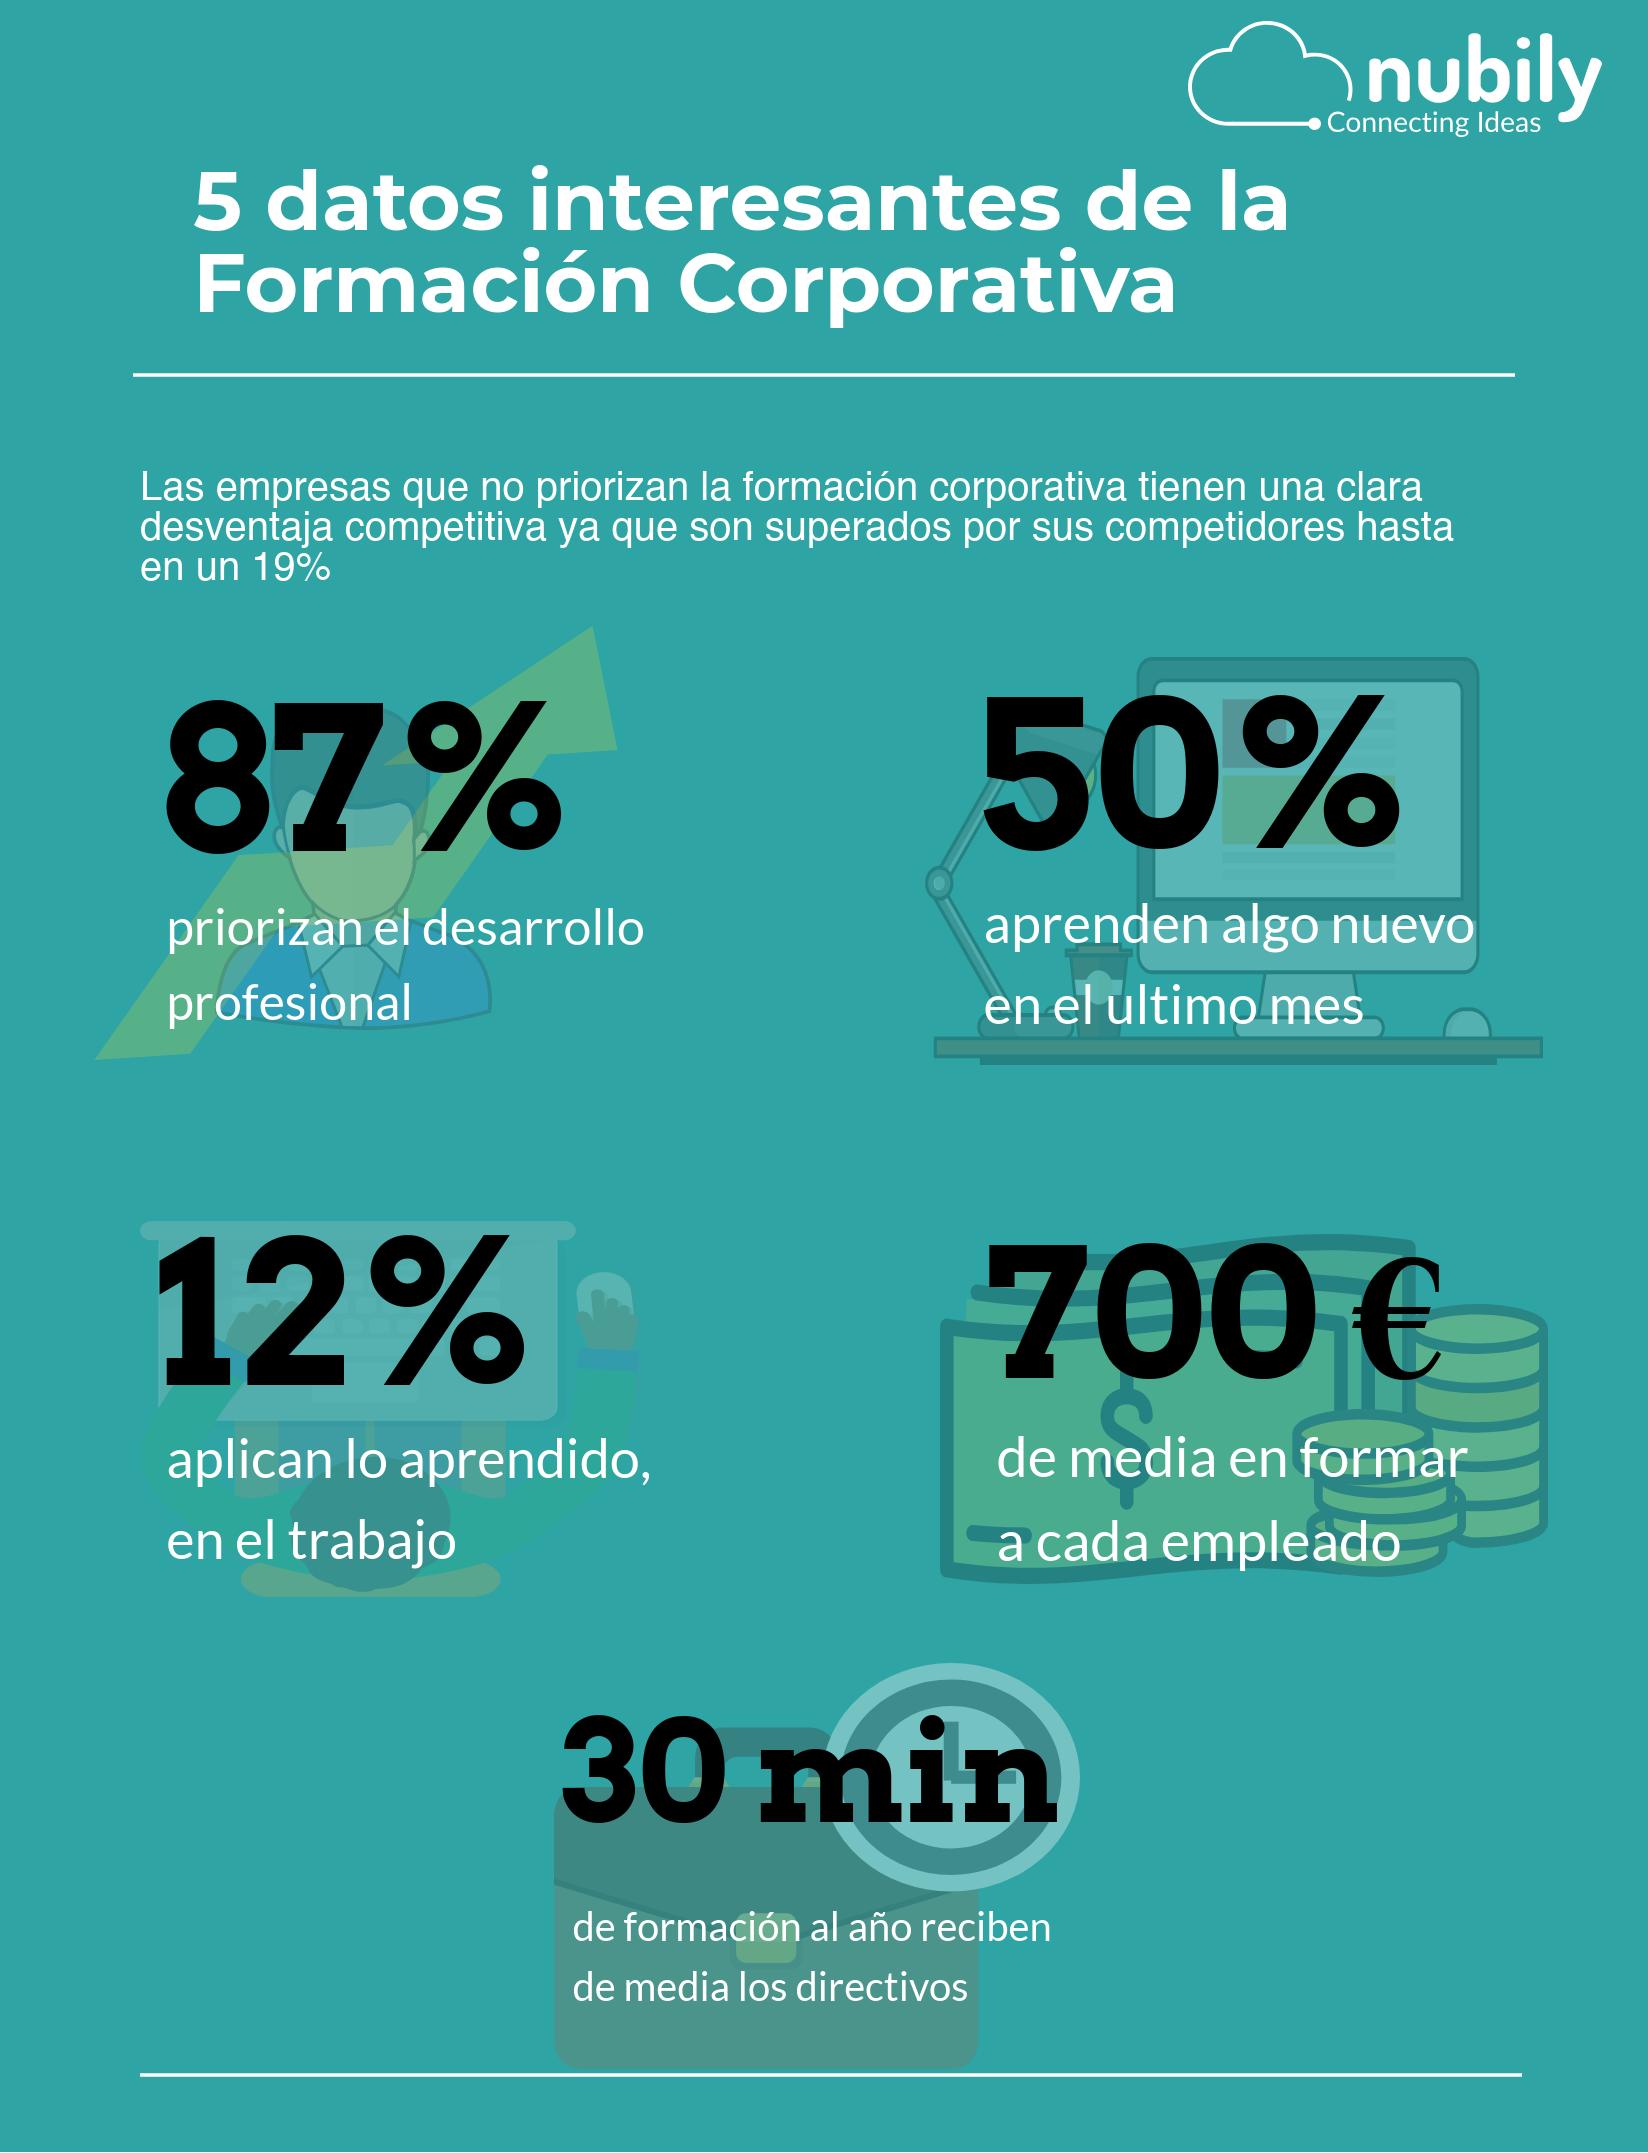 formación corporativa